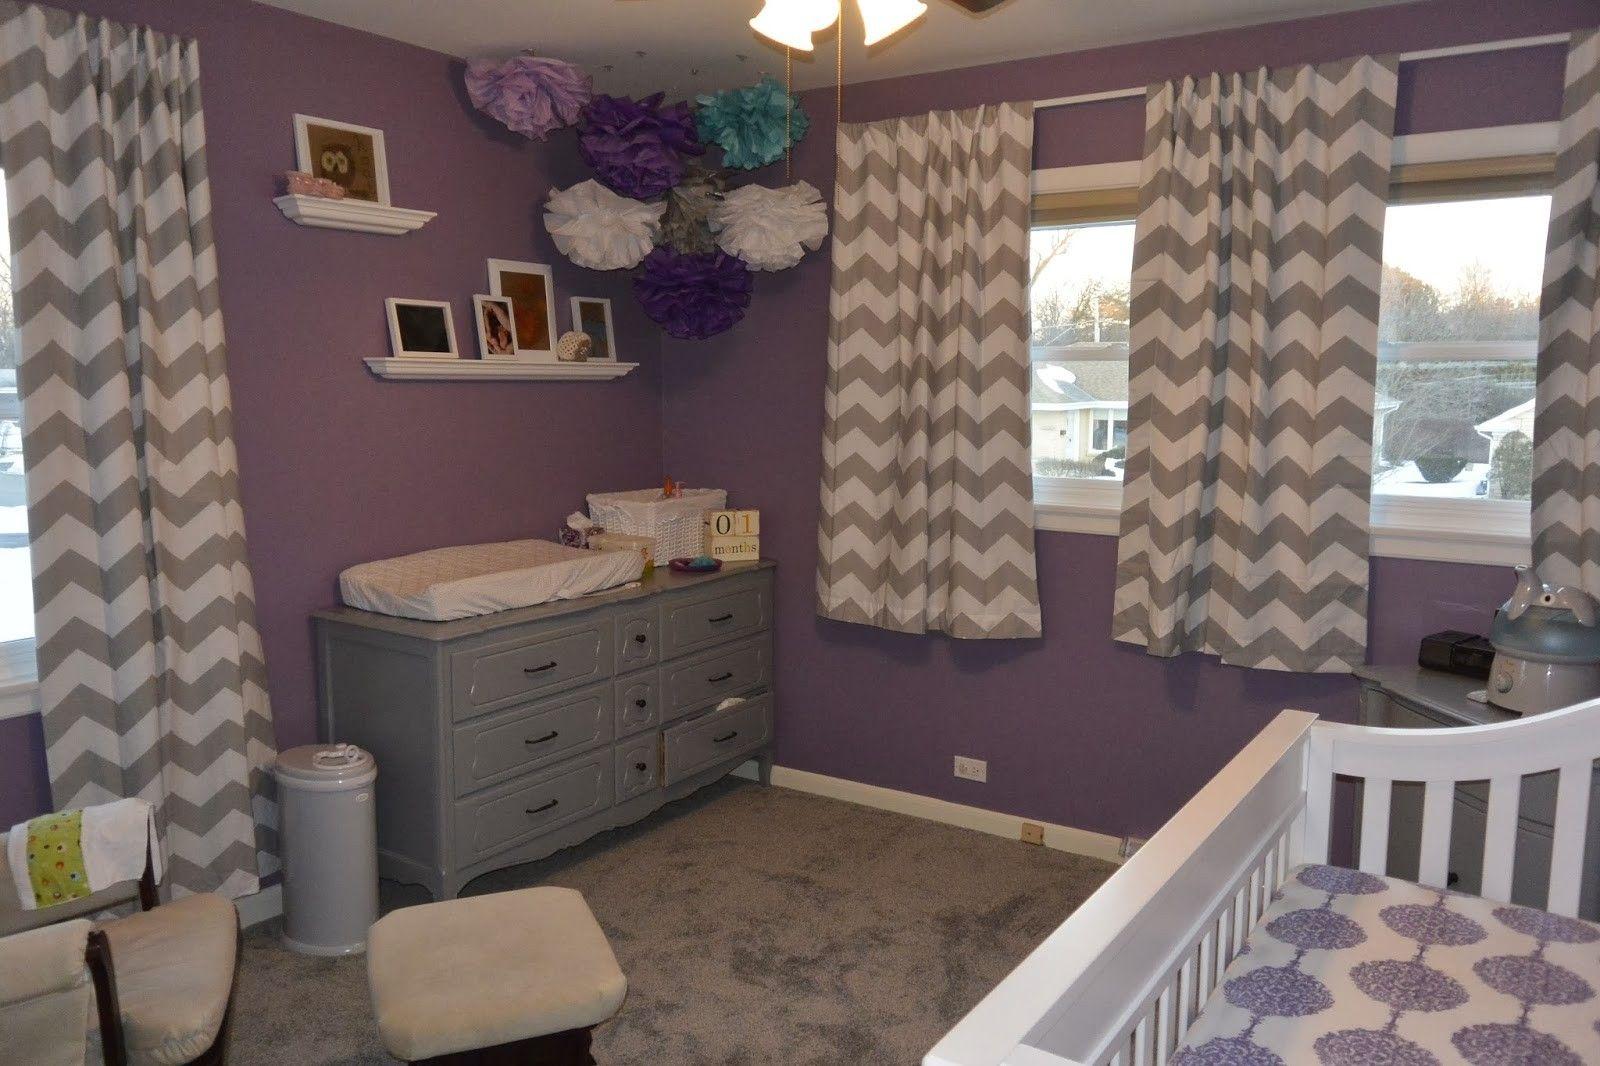 Room Tour: Adleigh's Nursery - The Organized Mama | Baby ...